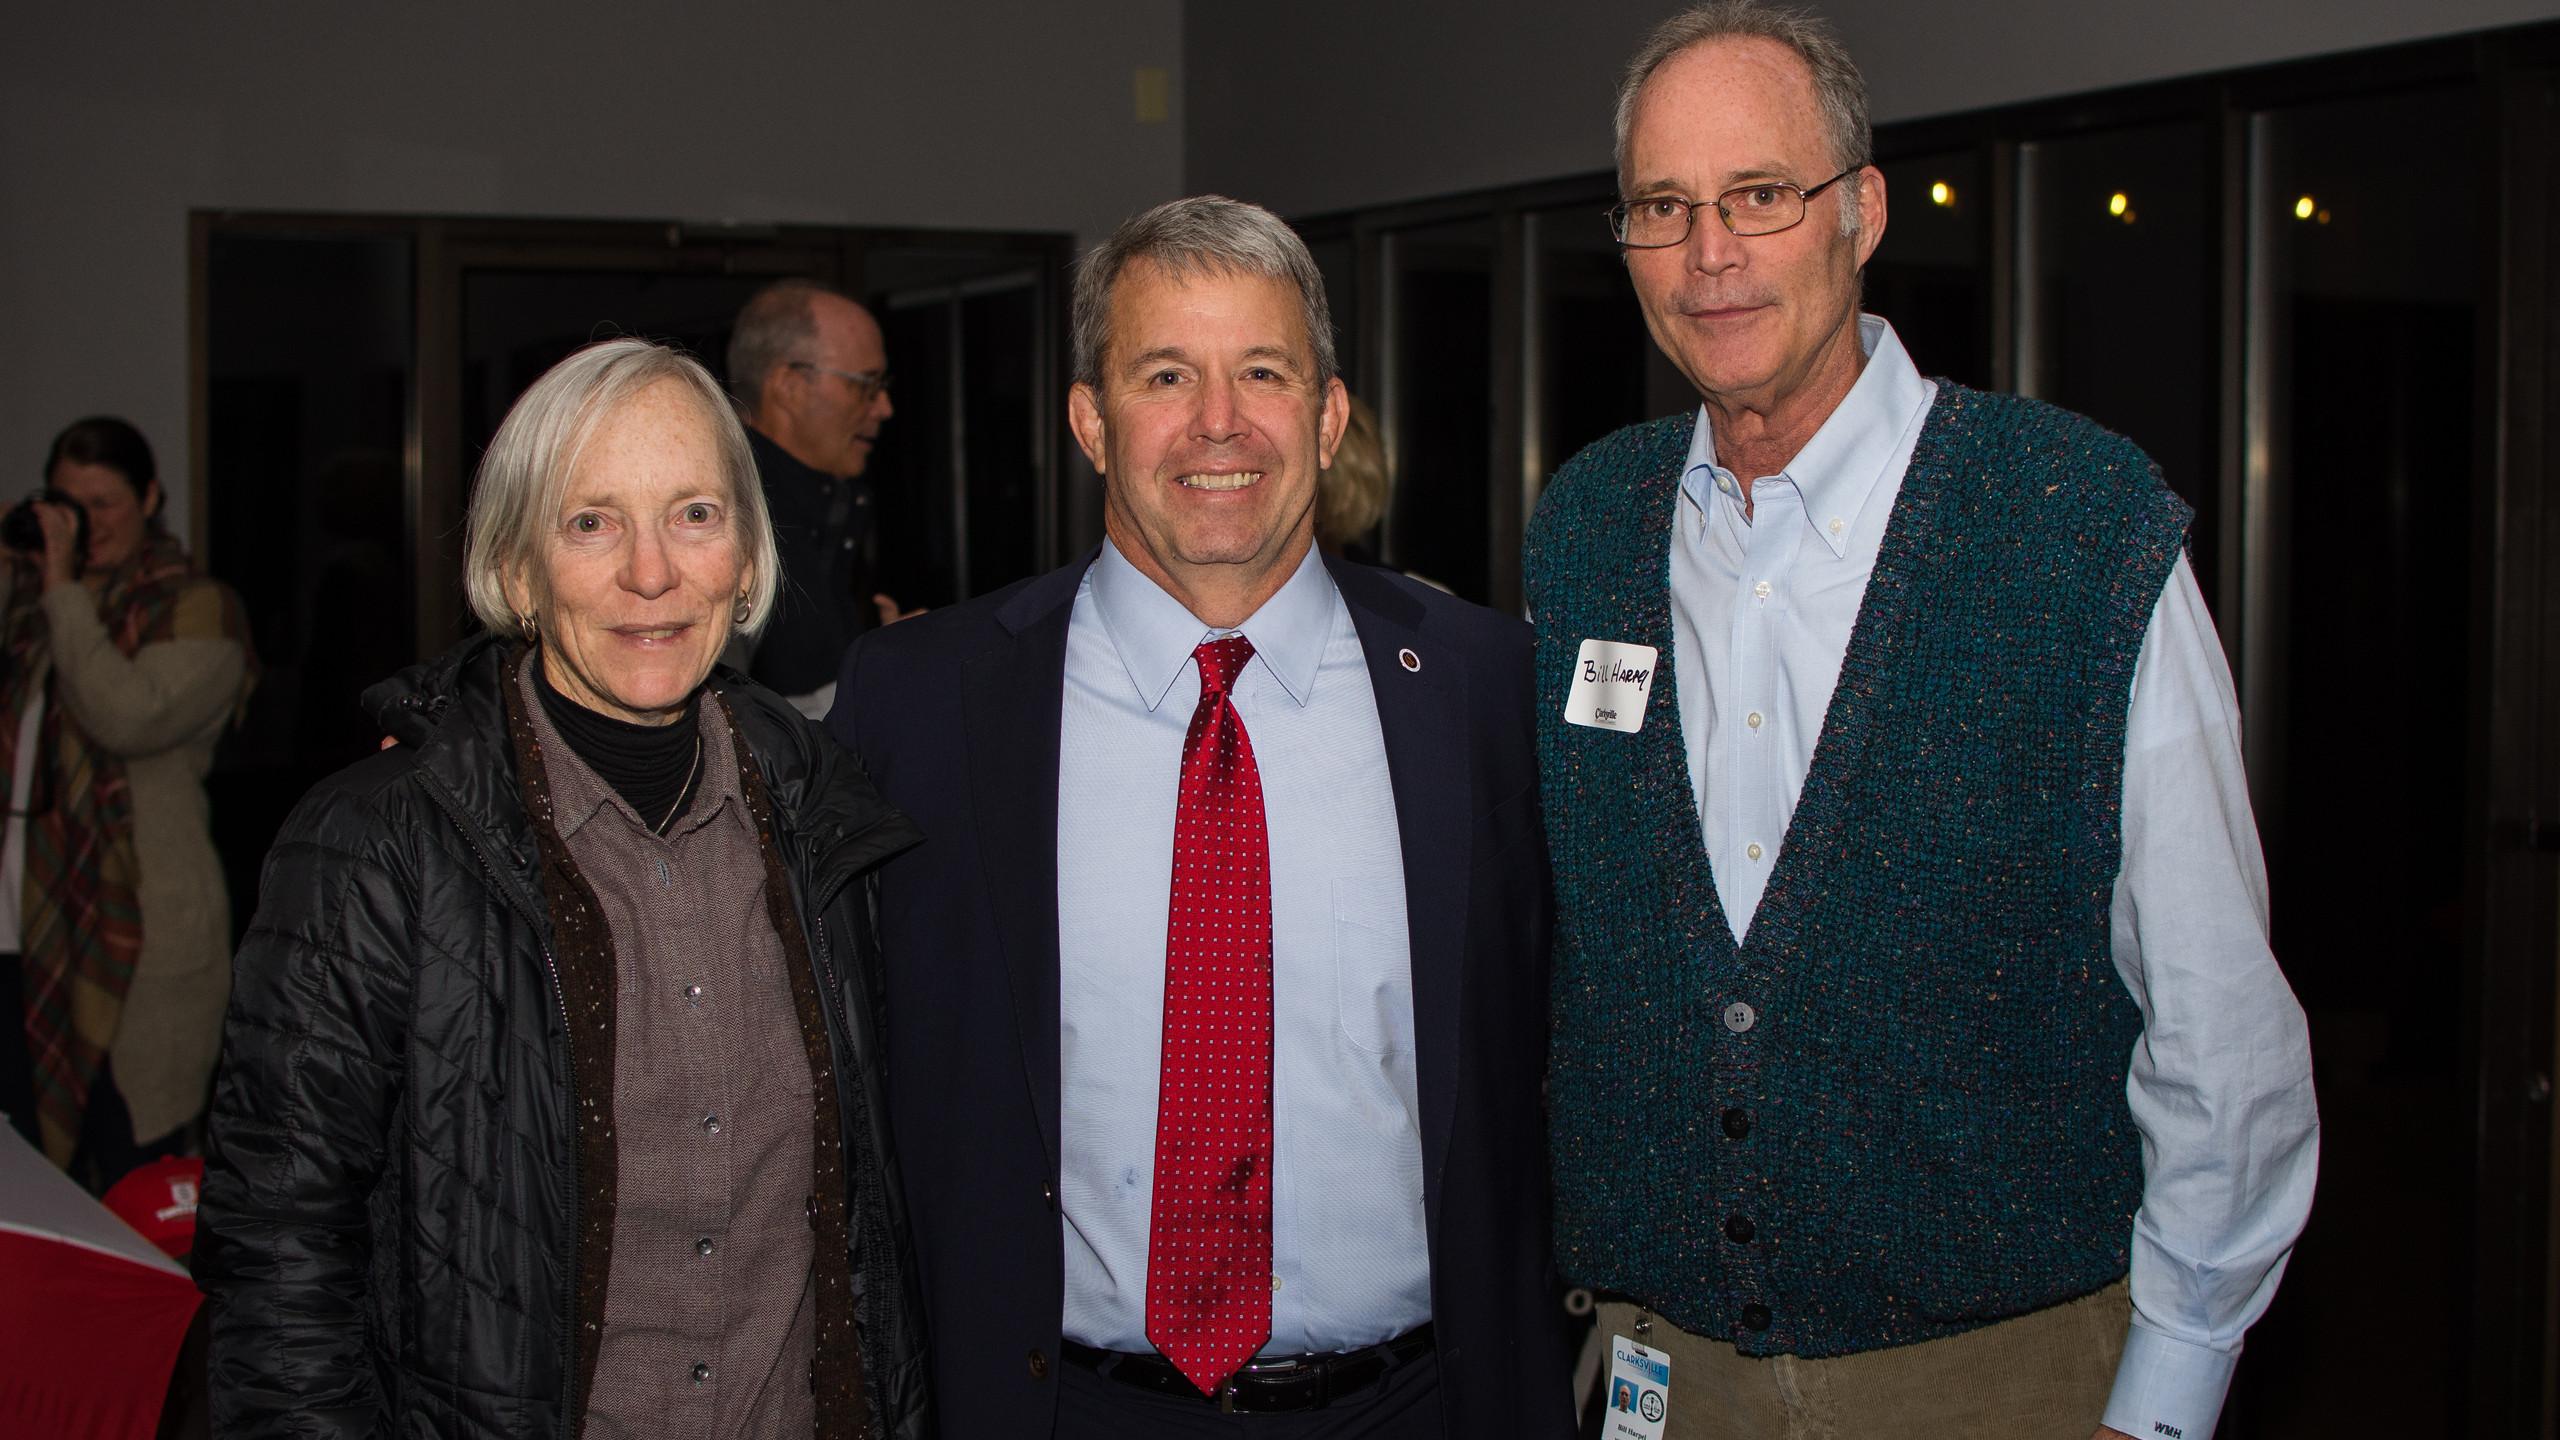 Anna Simons, Scott Brower, and Bill Harp